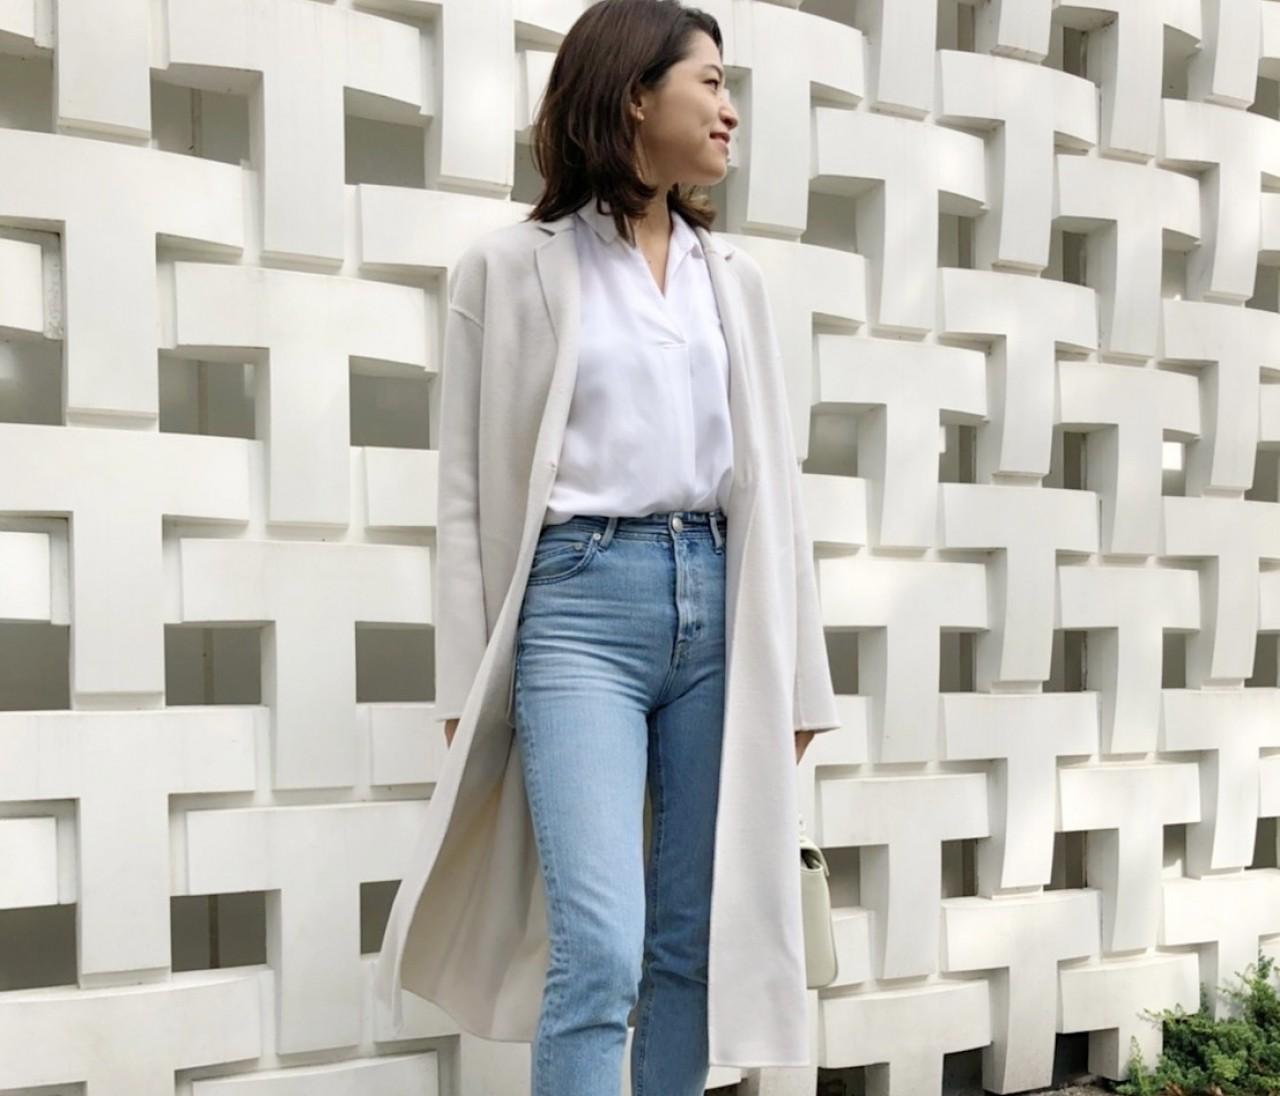 ENFOLDの白コートで気分転換。いつものカジュアルがキレイに決まる。